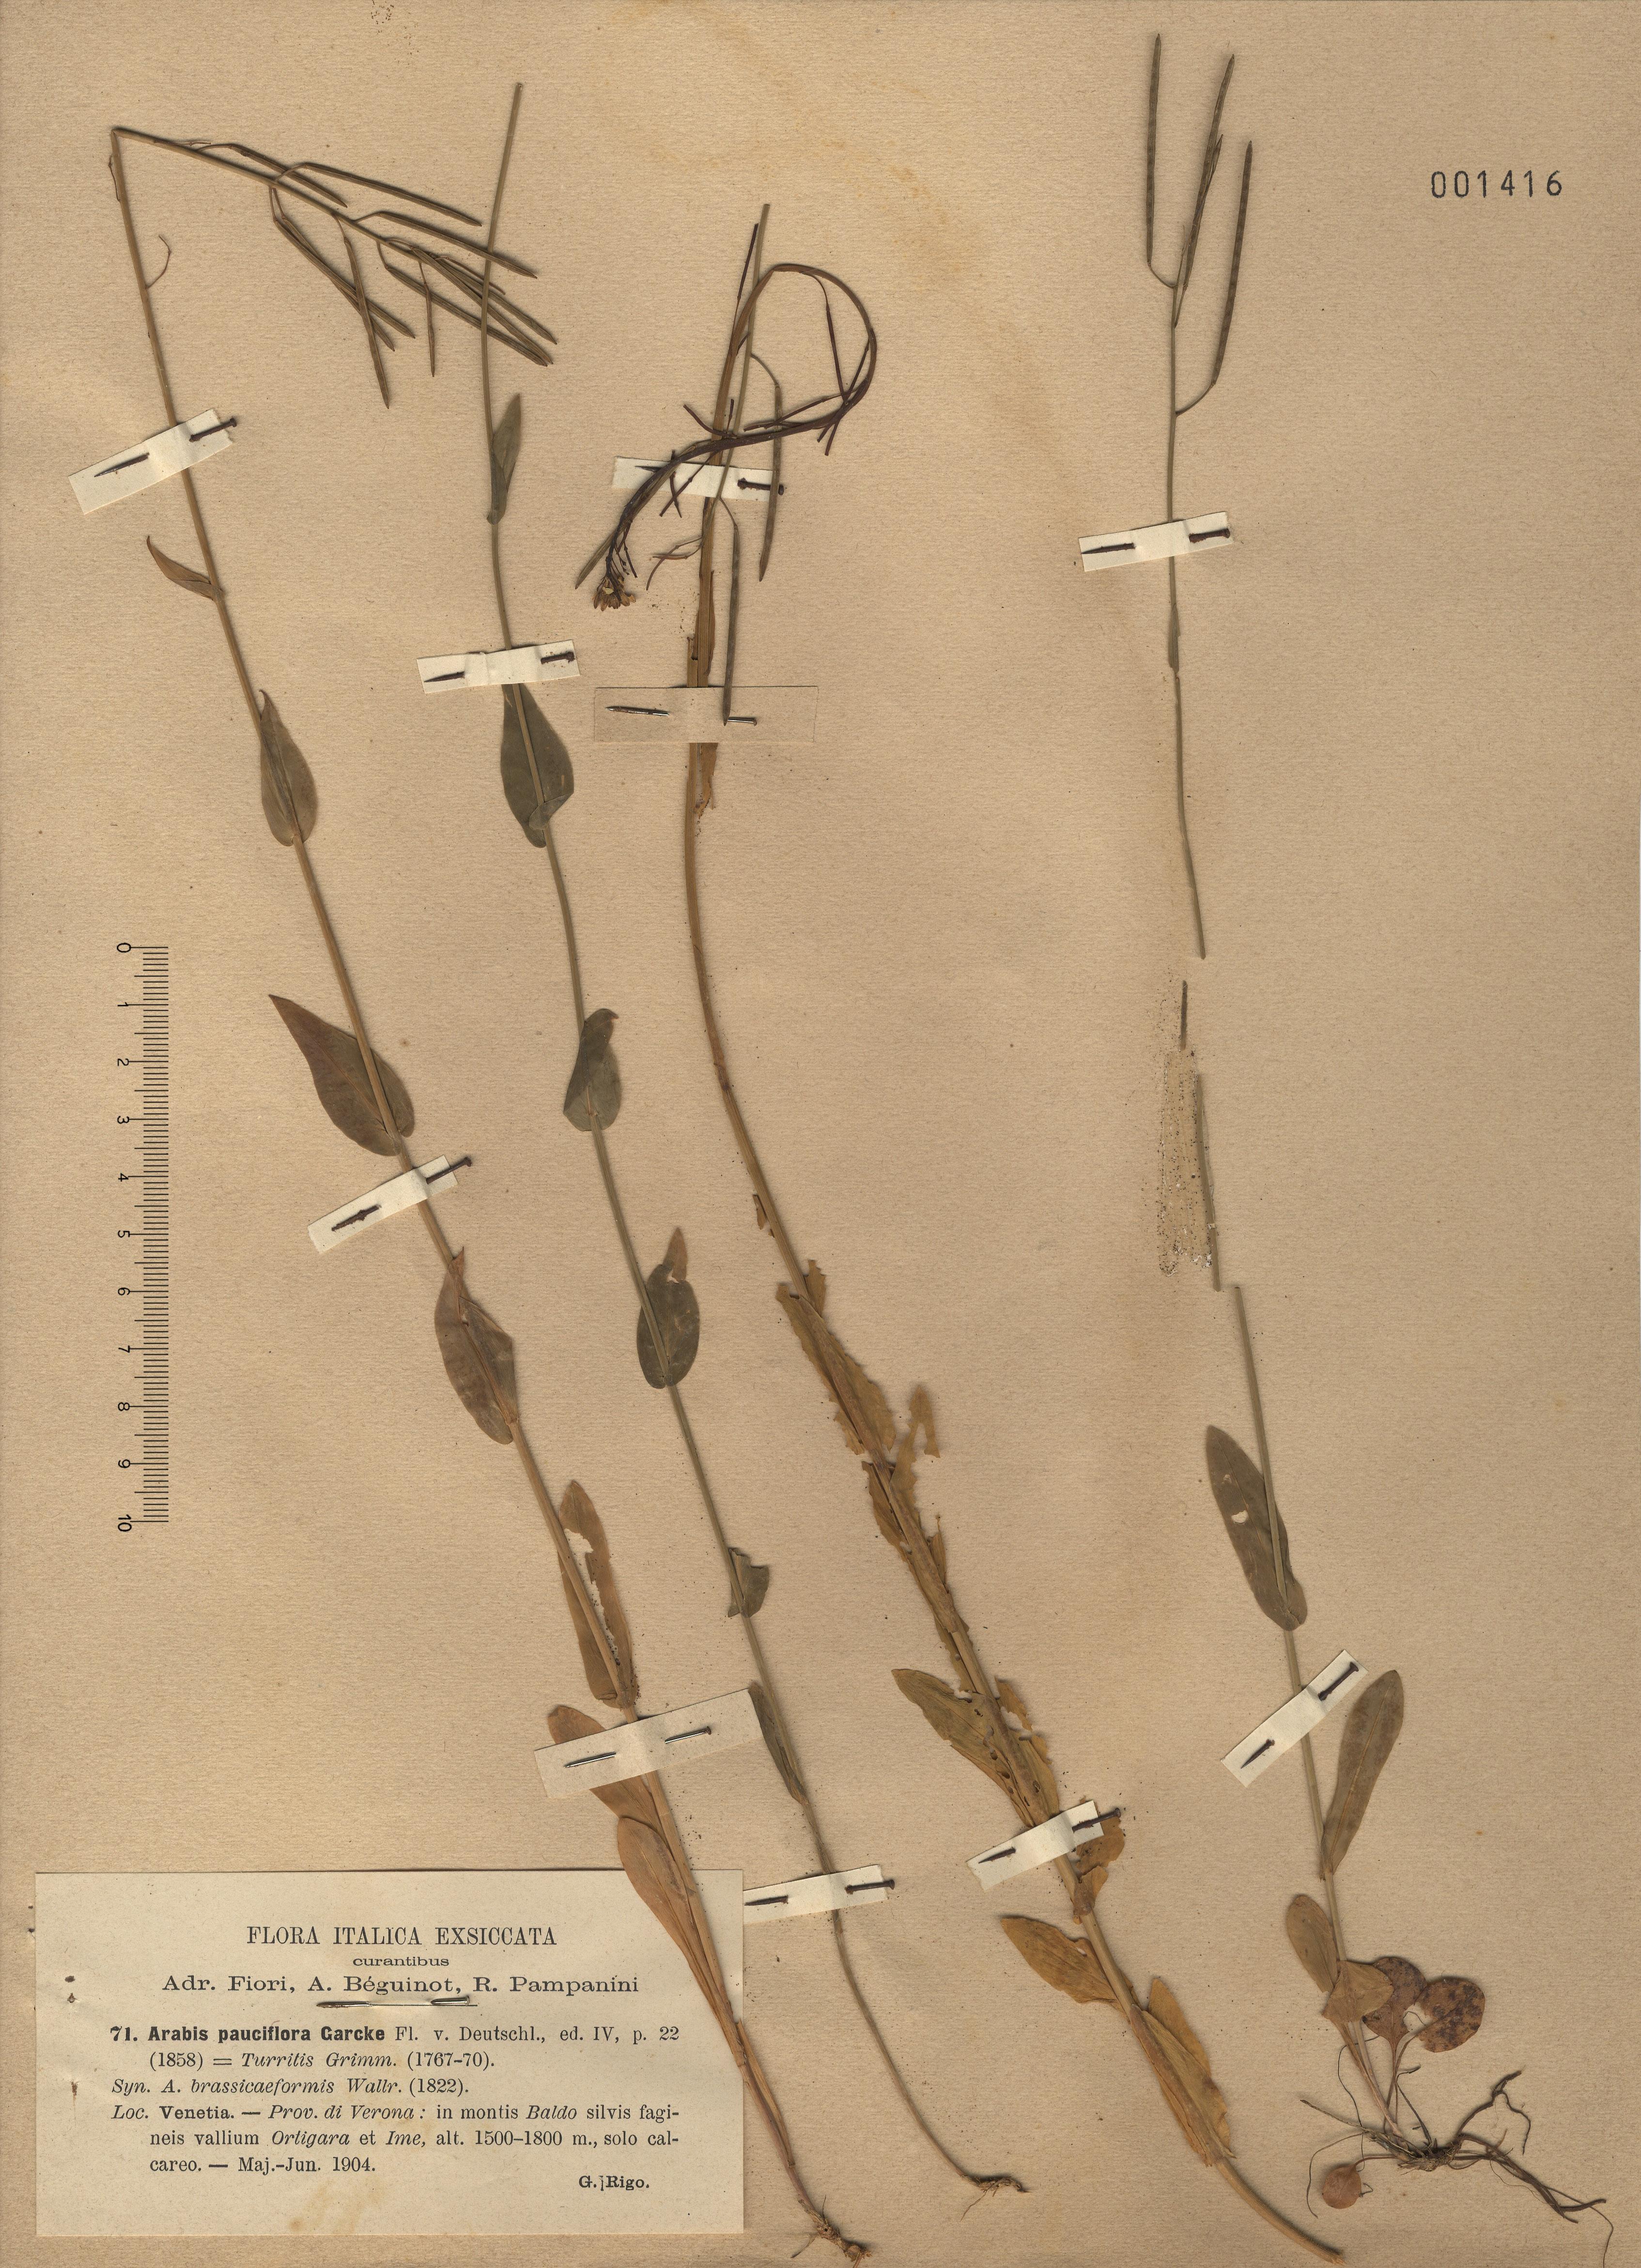 © Hortus Botanicus Catinensis - Herb. sheet 001416<br>